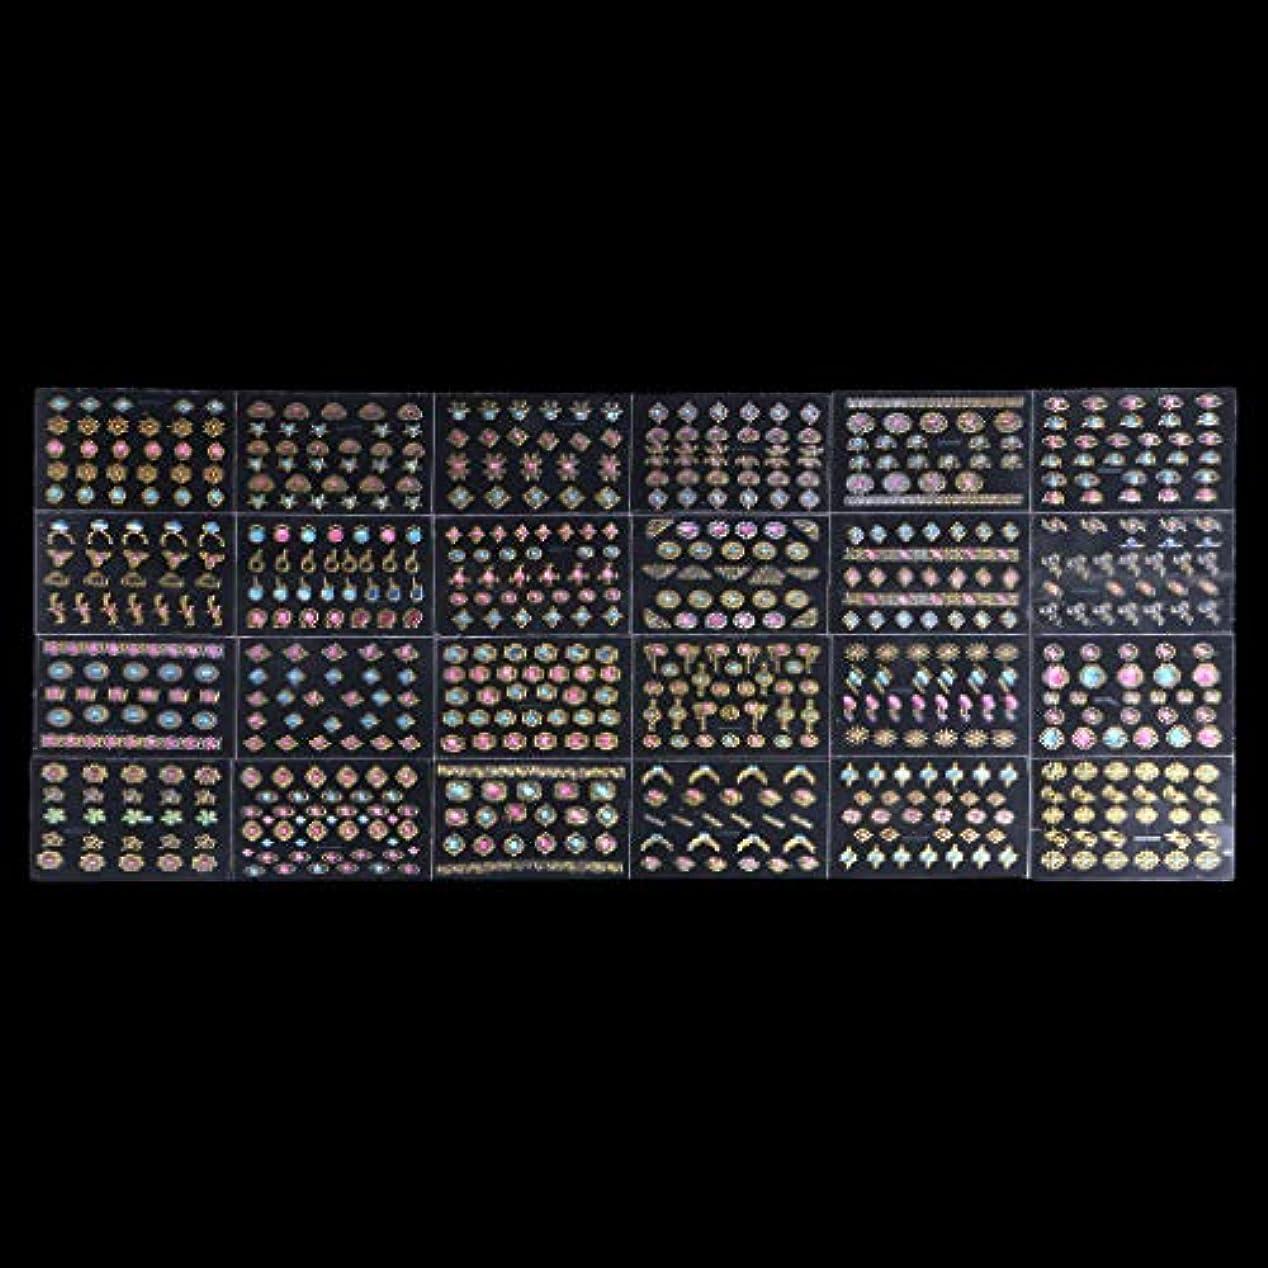 南東マージ配偶者Sharring 24シート3DデザインネイルアートステッカーヒントデカールジュエルマニキュアDIYの装飾 [並行輸入品]